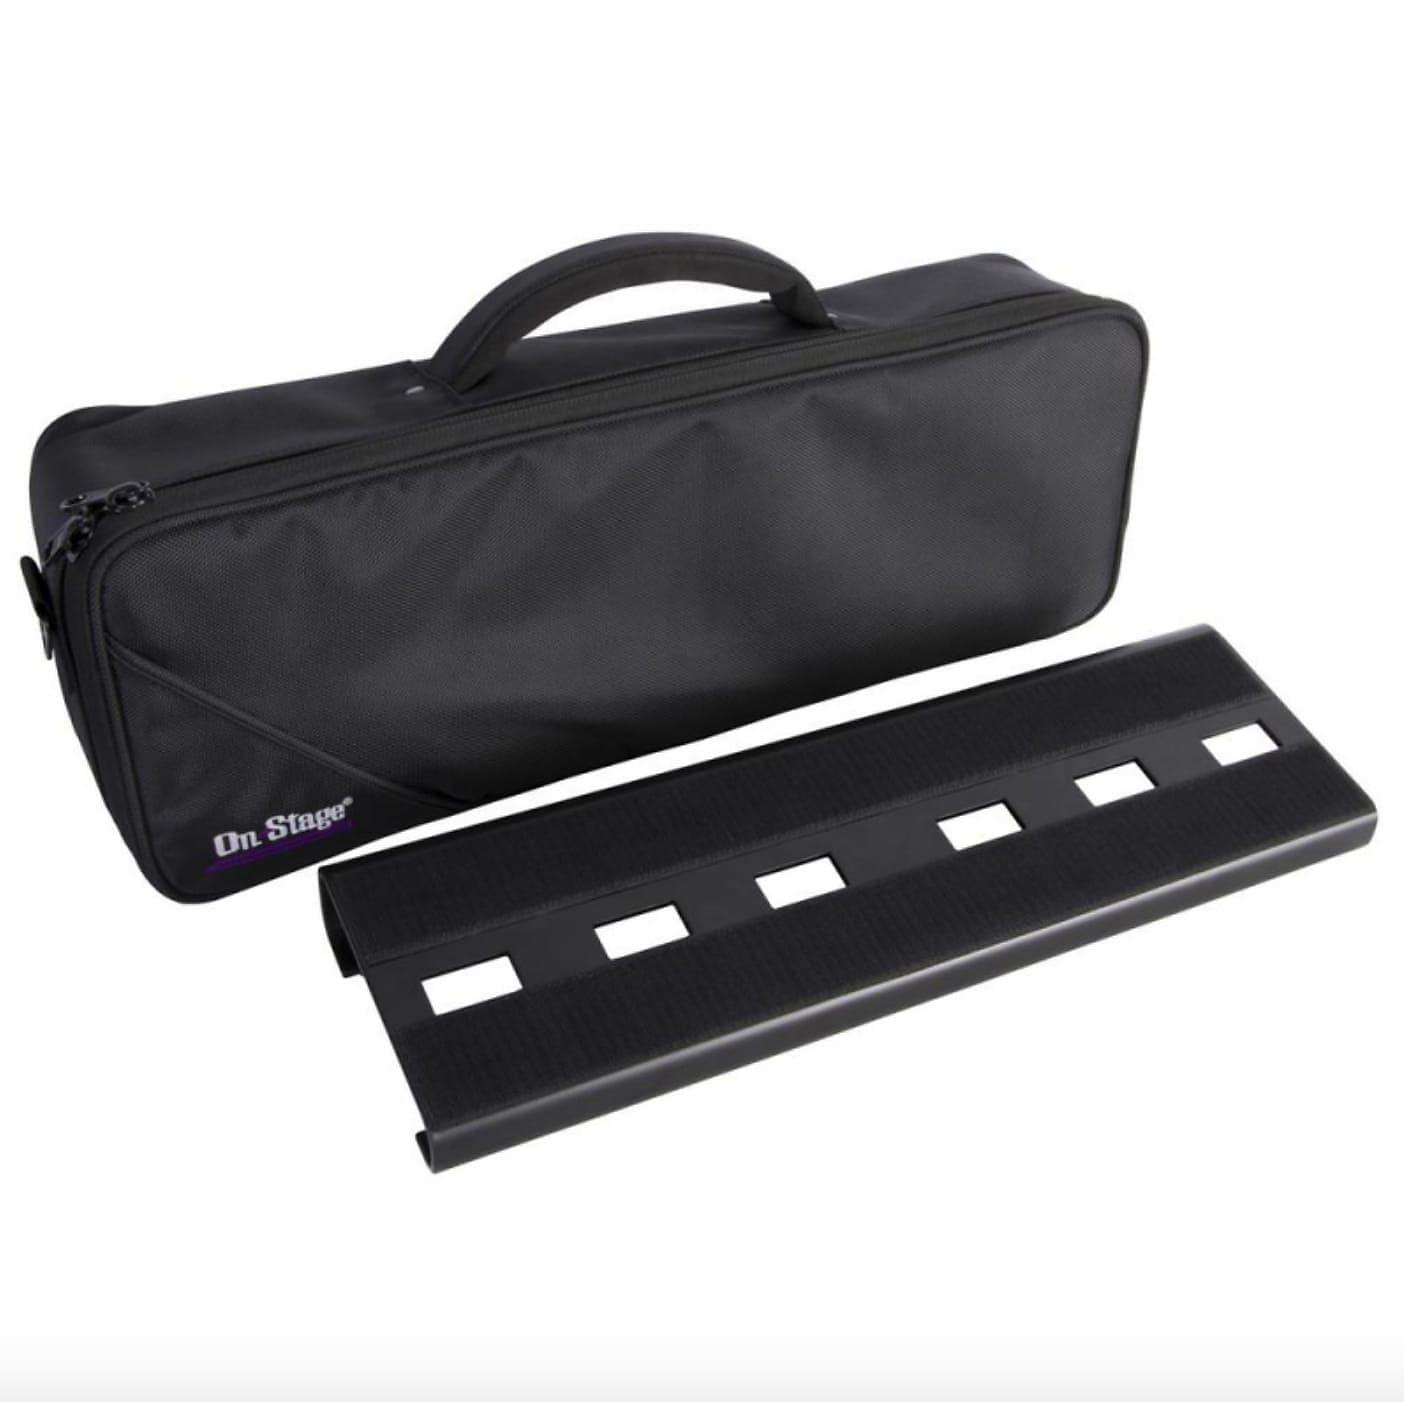 On-Stage GPB2000 Compact Mini Pedalboard w/ Bag